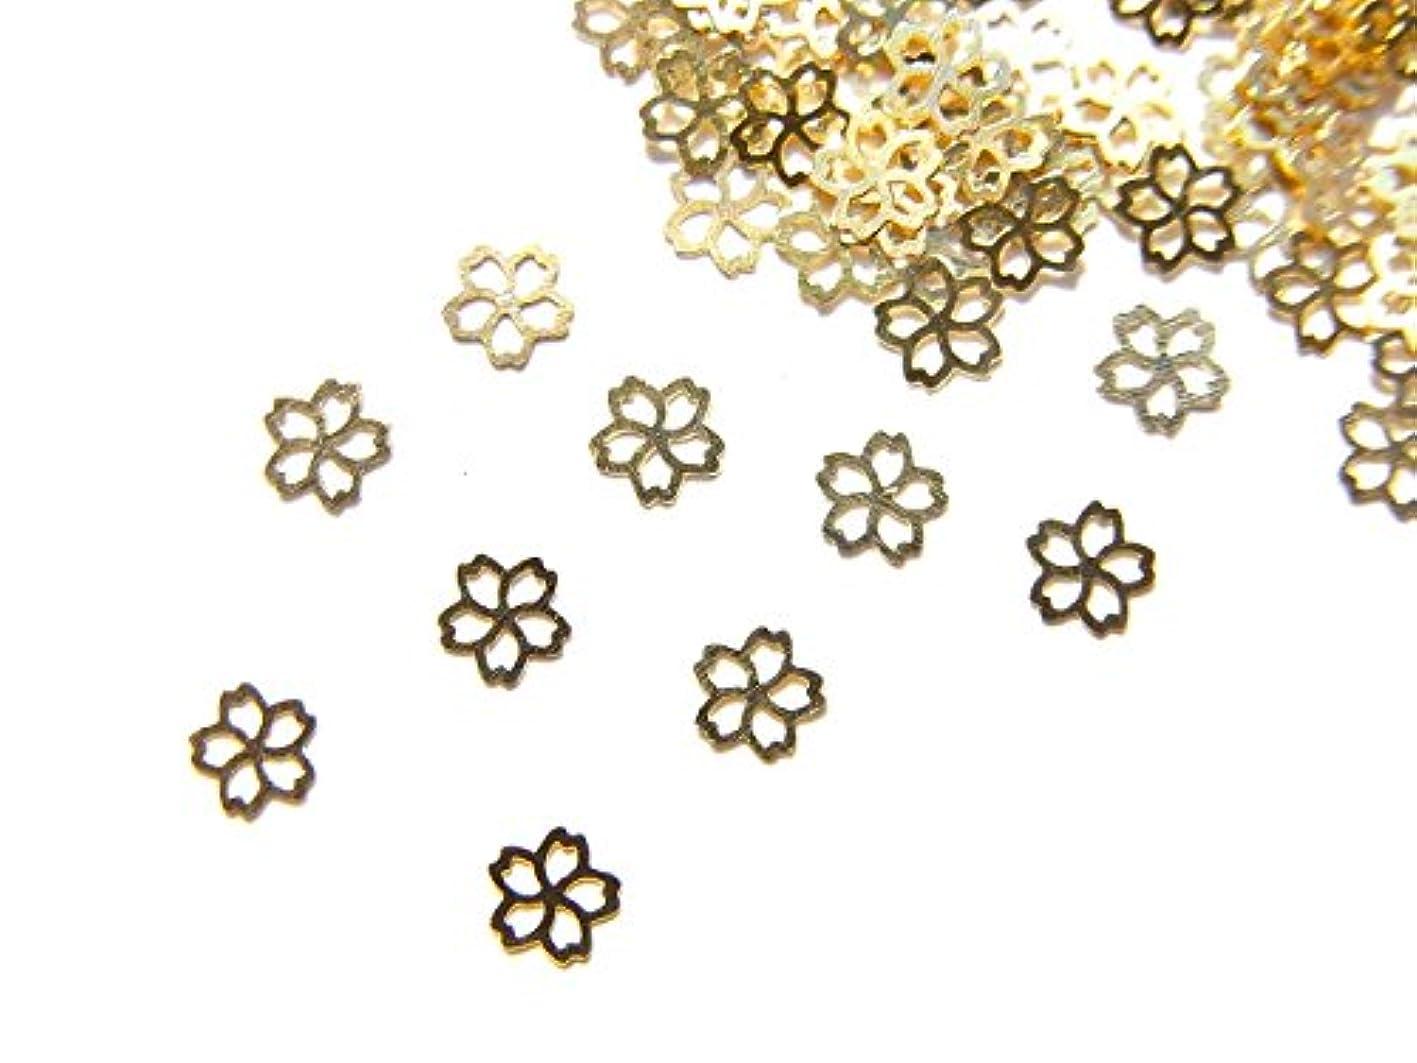 最終的に受け入れたエンディング【jewel】ug27 春ネイル 薄型ゴールド メタルパーツ Sサイズ 桜 サクラB 10個入り ネイルアートパーツ レジンパーツ